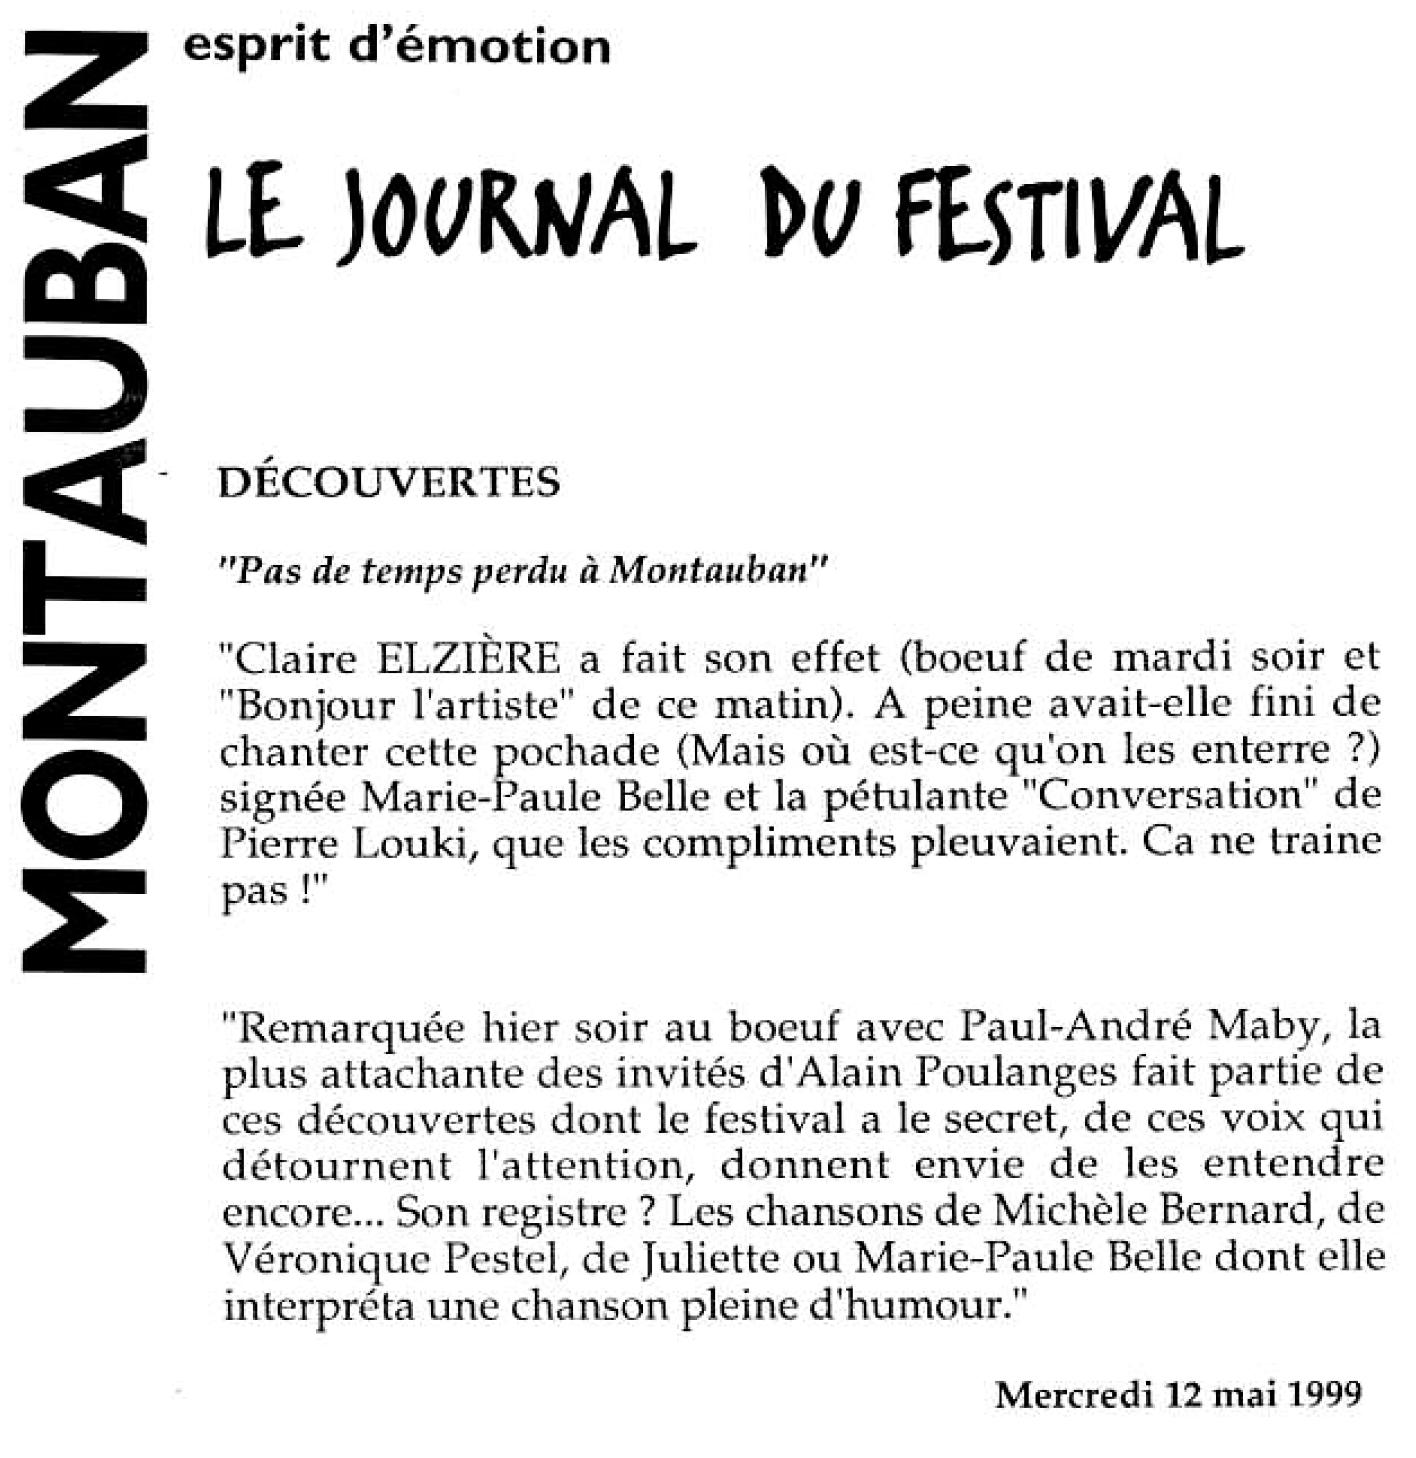 LeJournalDuFestival.jpg